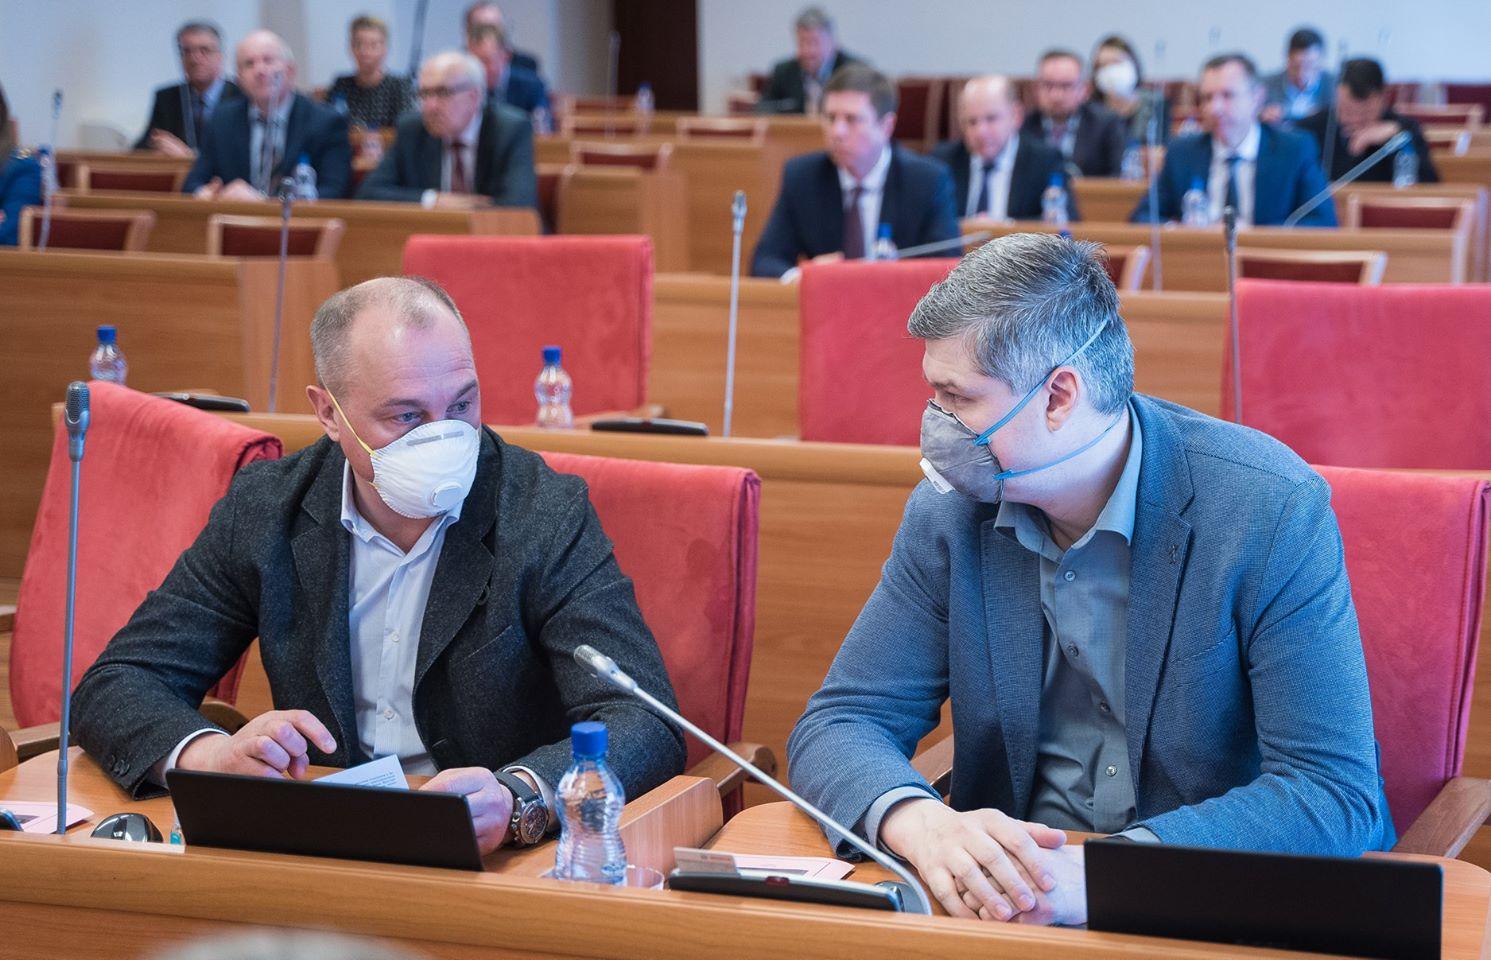 Депутат-строитель Илья Круглов (слева) достал профессиональный респиратор. Павел Исаев нашёл медицинский